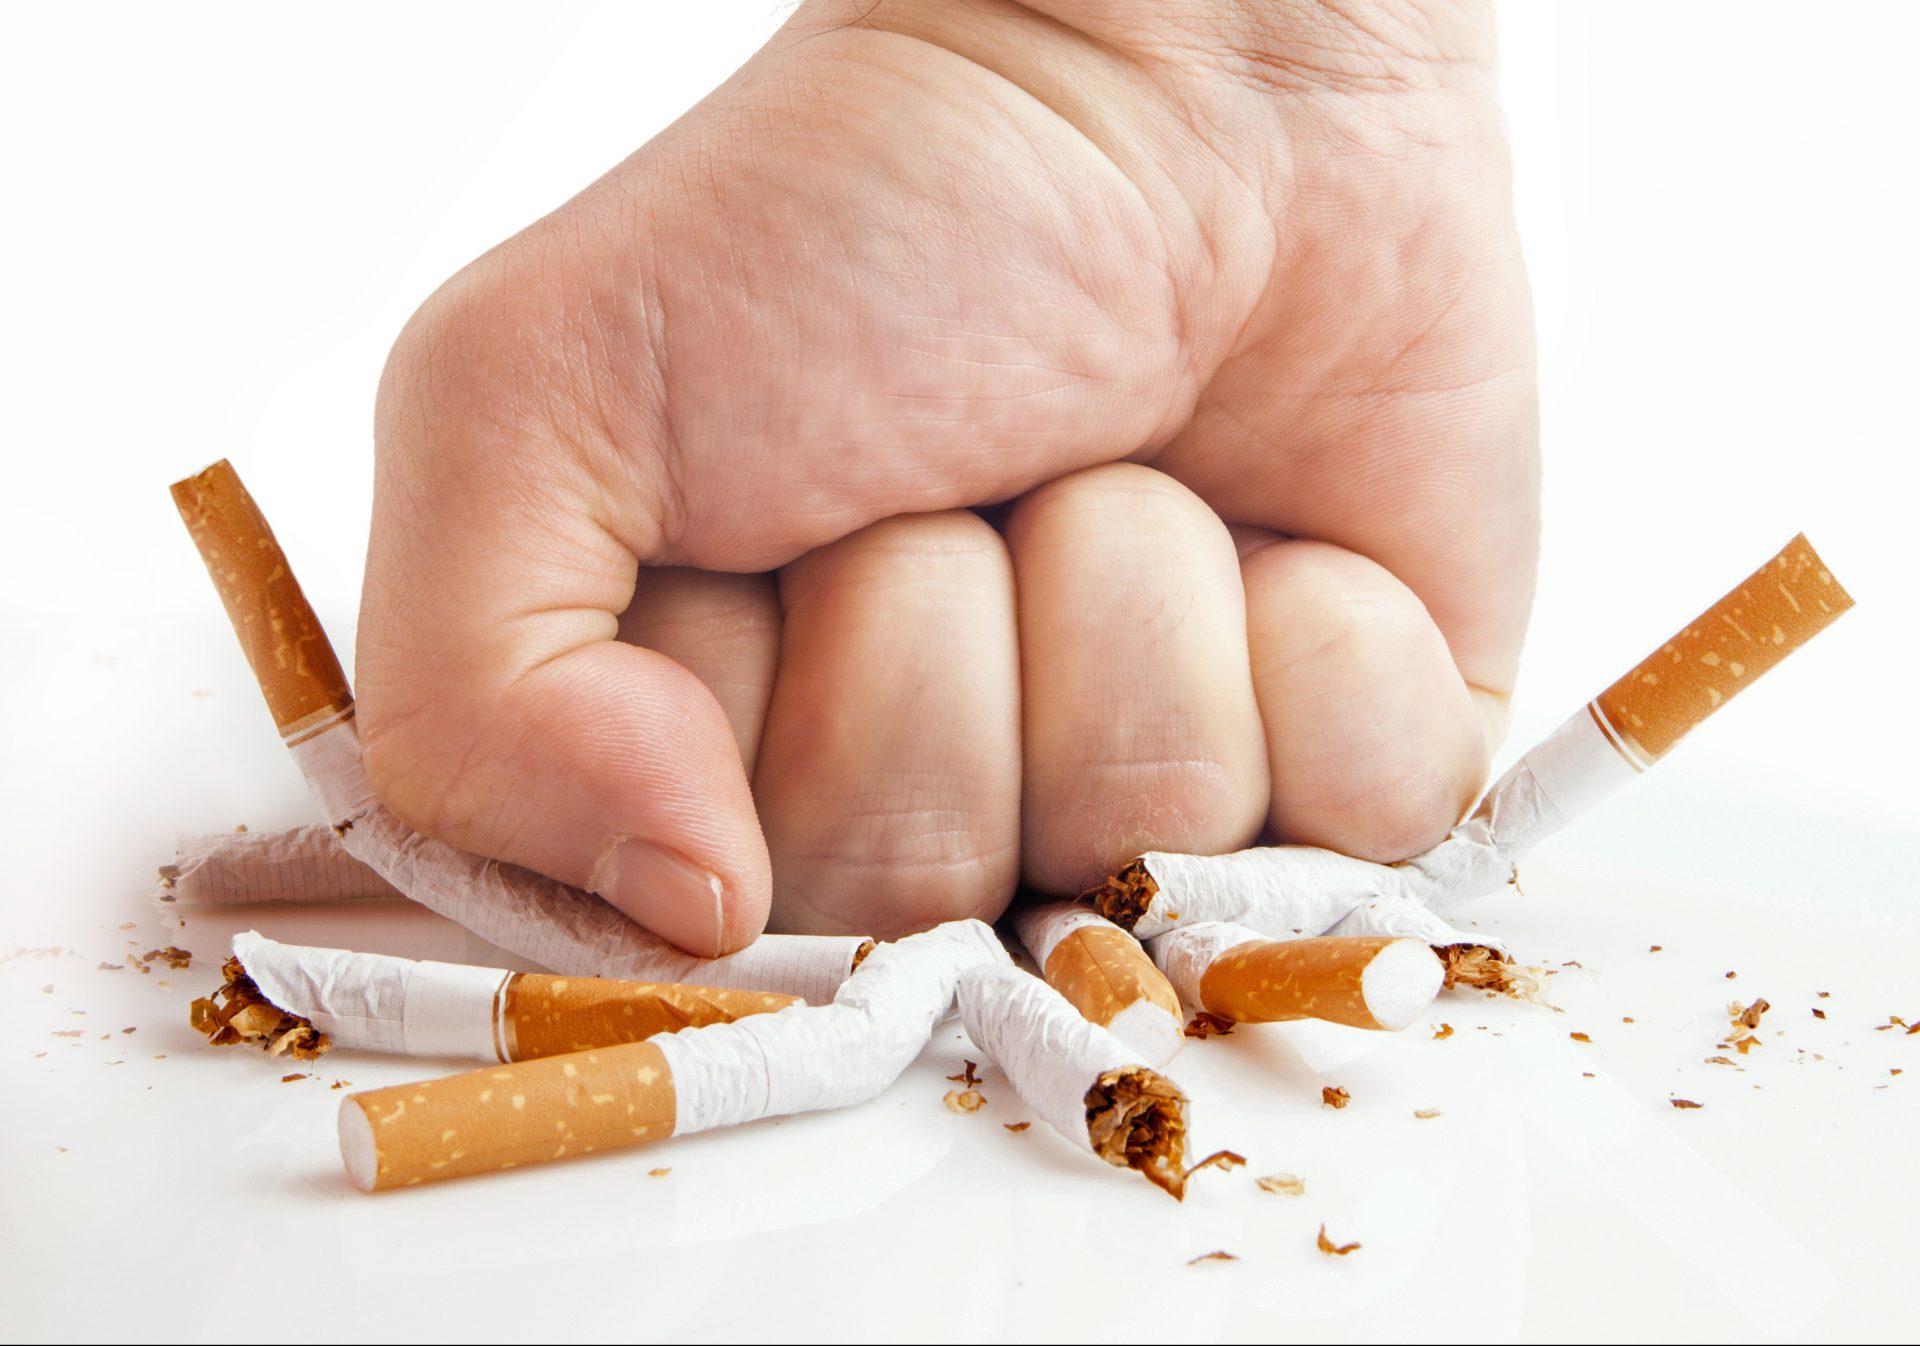 Smoking survey